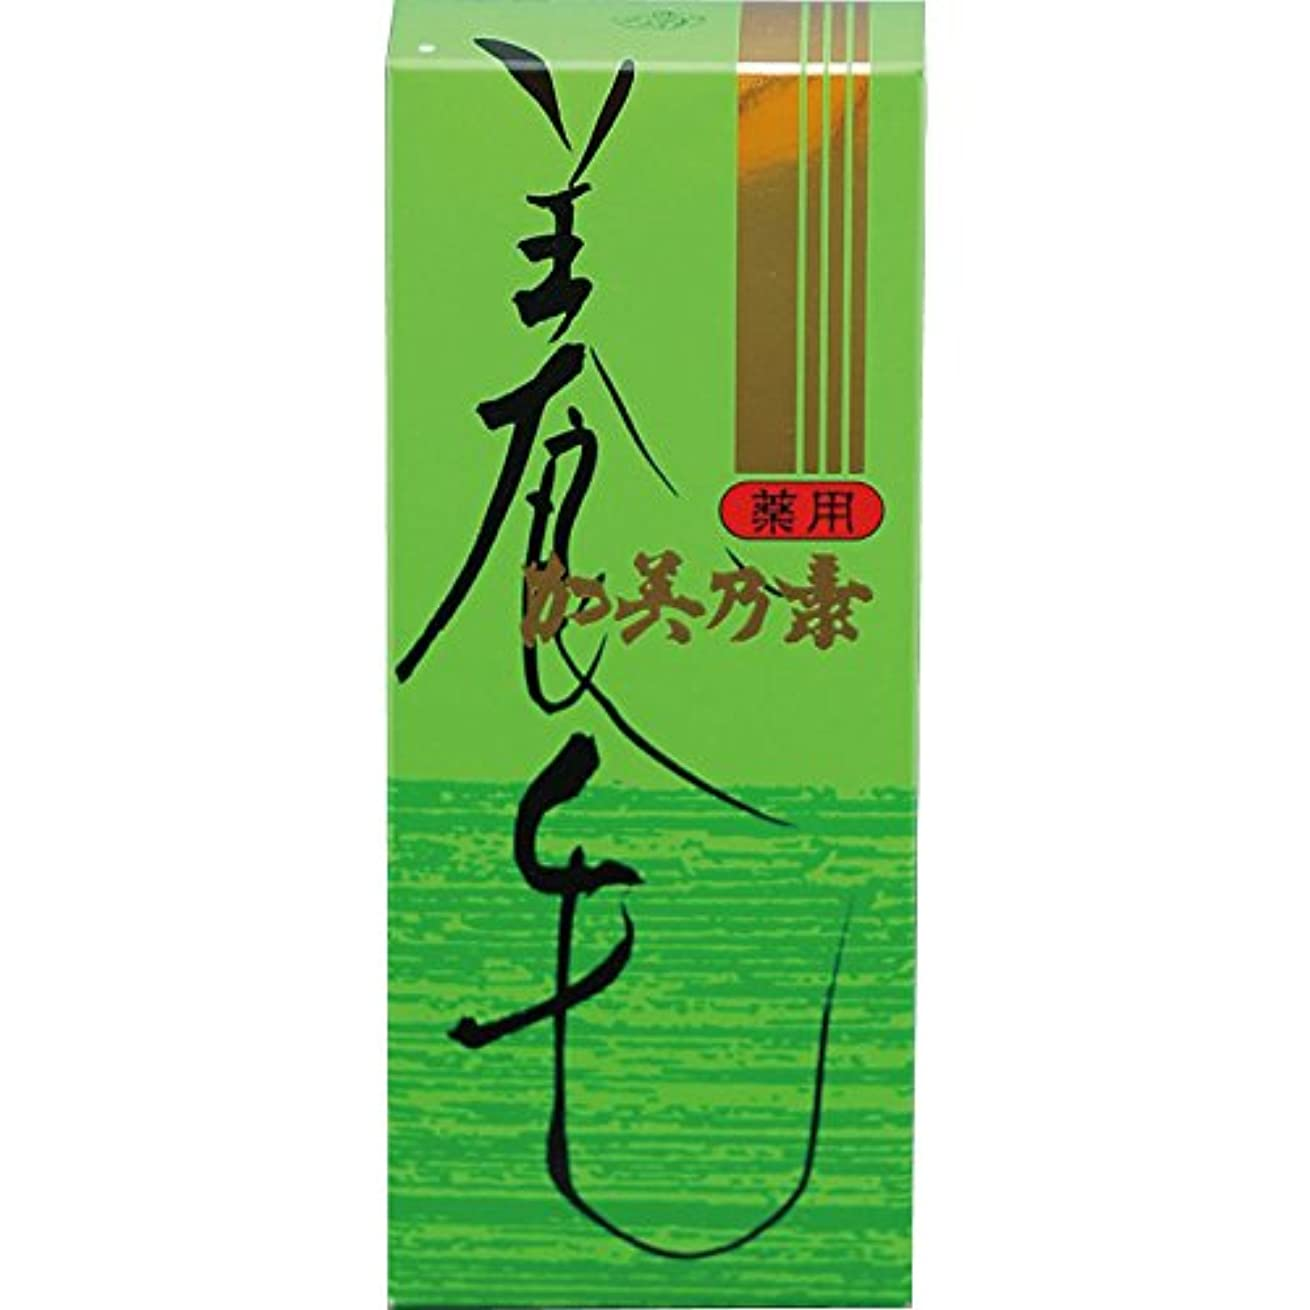 断線三角更新する薬用加美乃素 グリーンフローラルの香り 180mL 【医薬部外品】